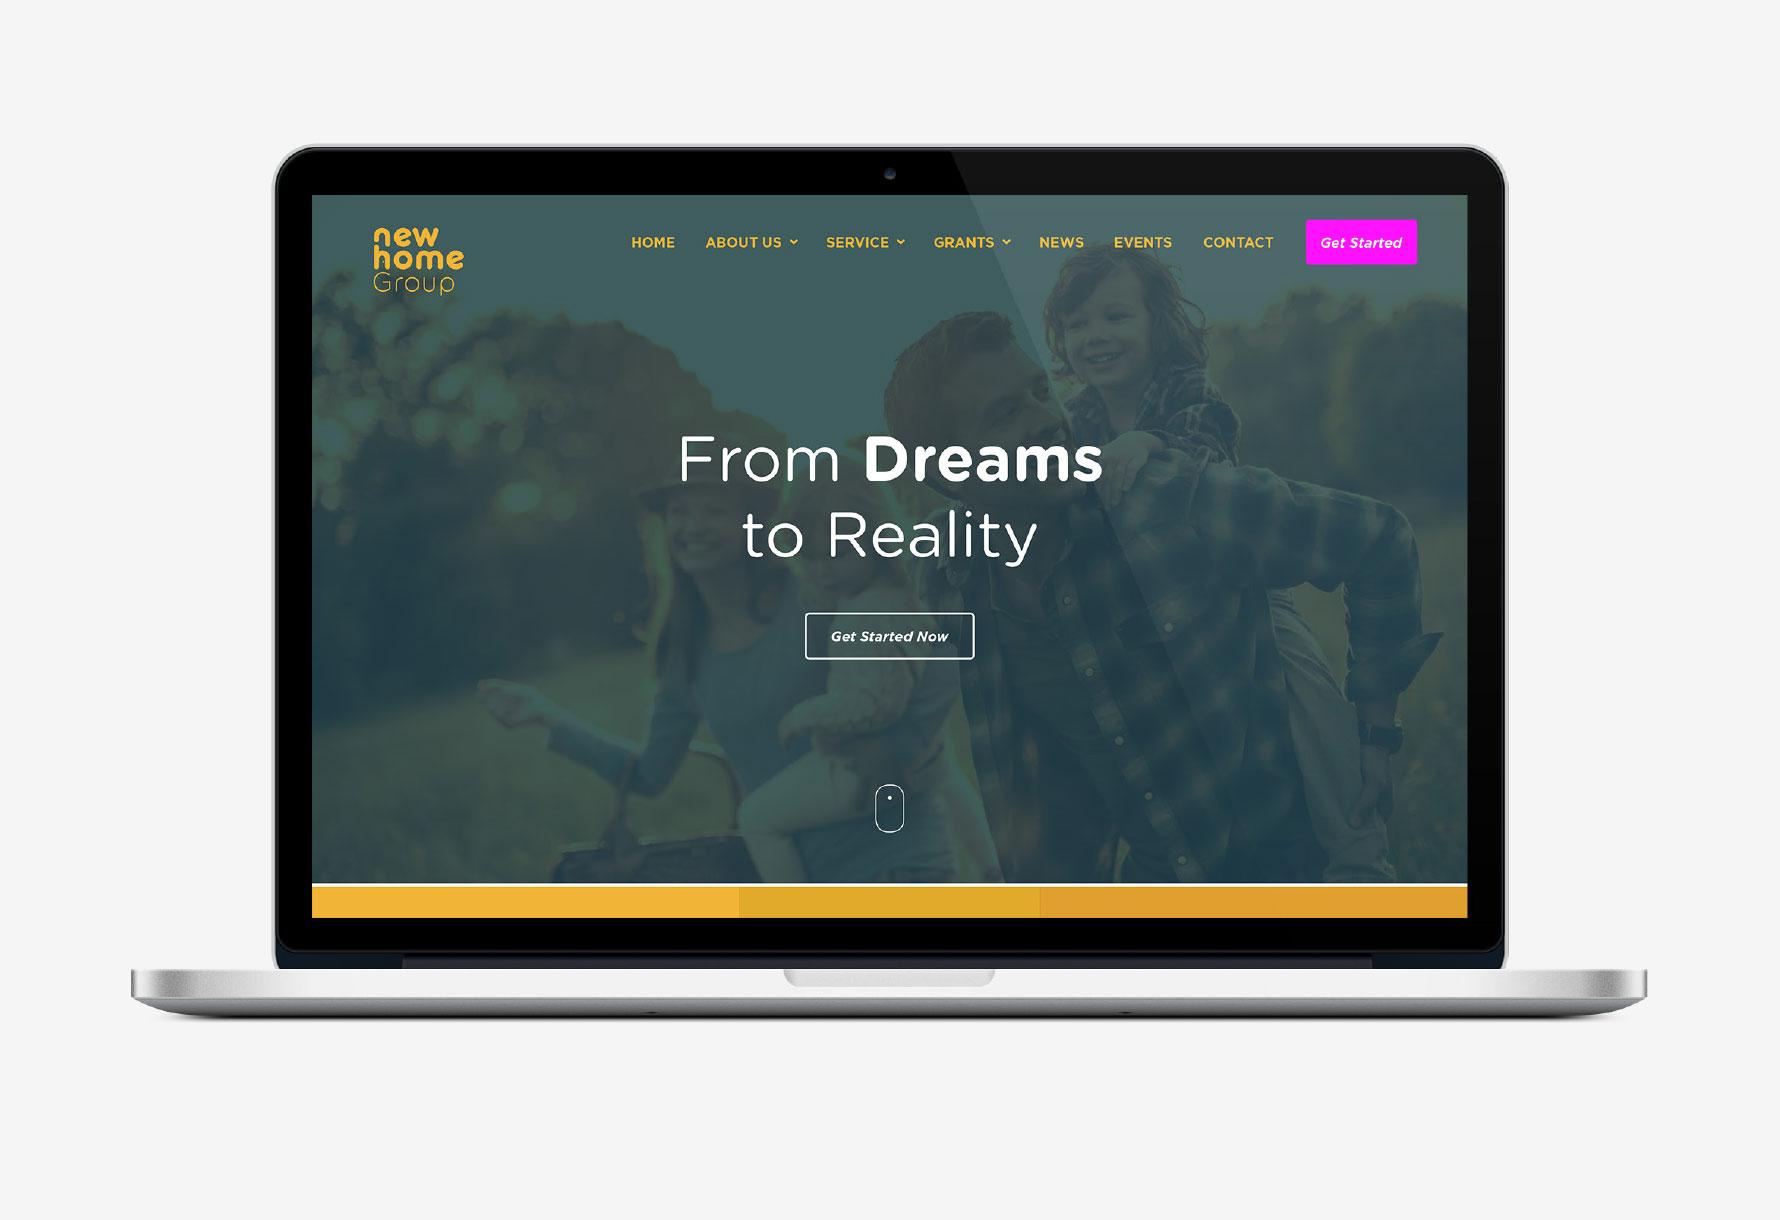 New Home Group Website Portfolio 2